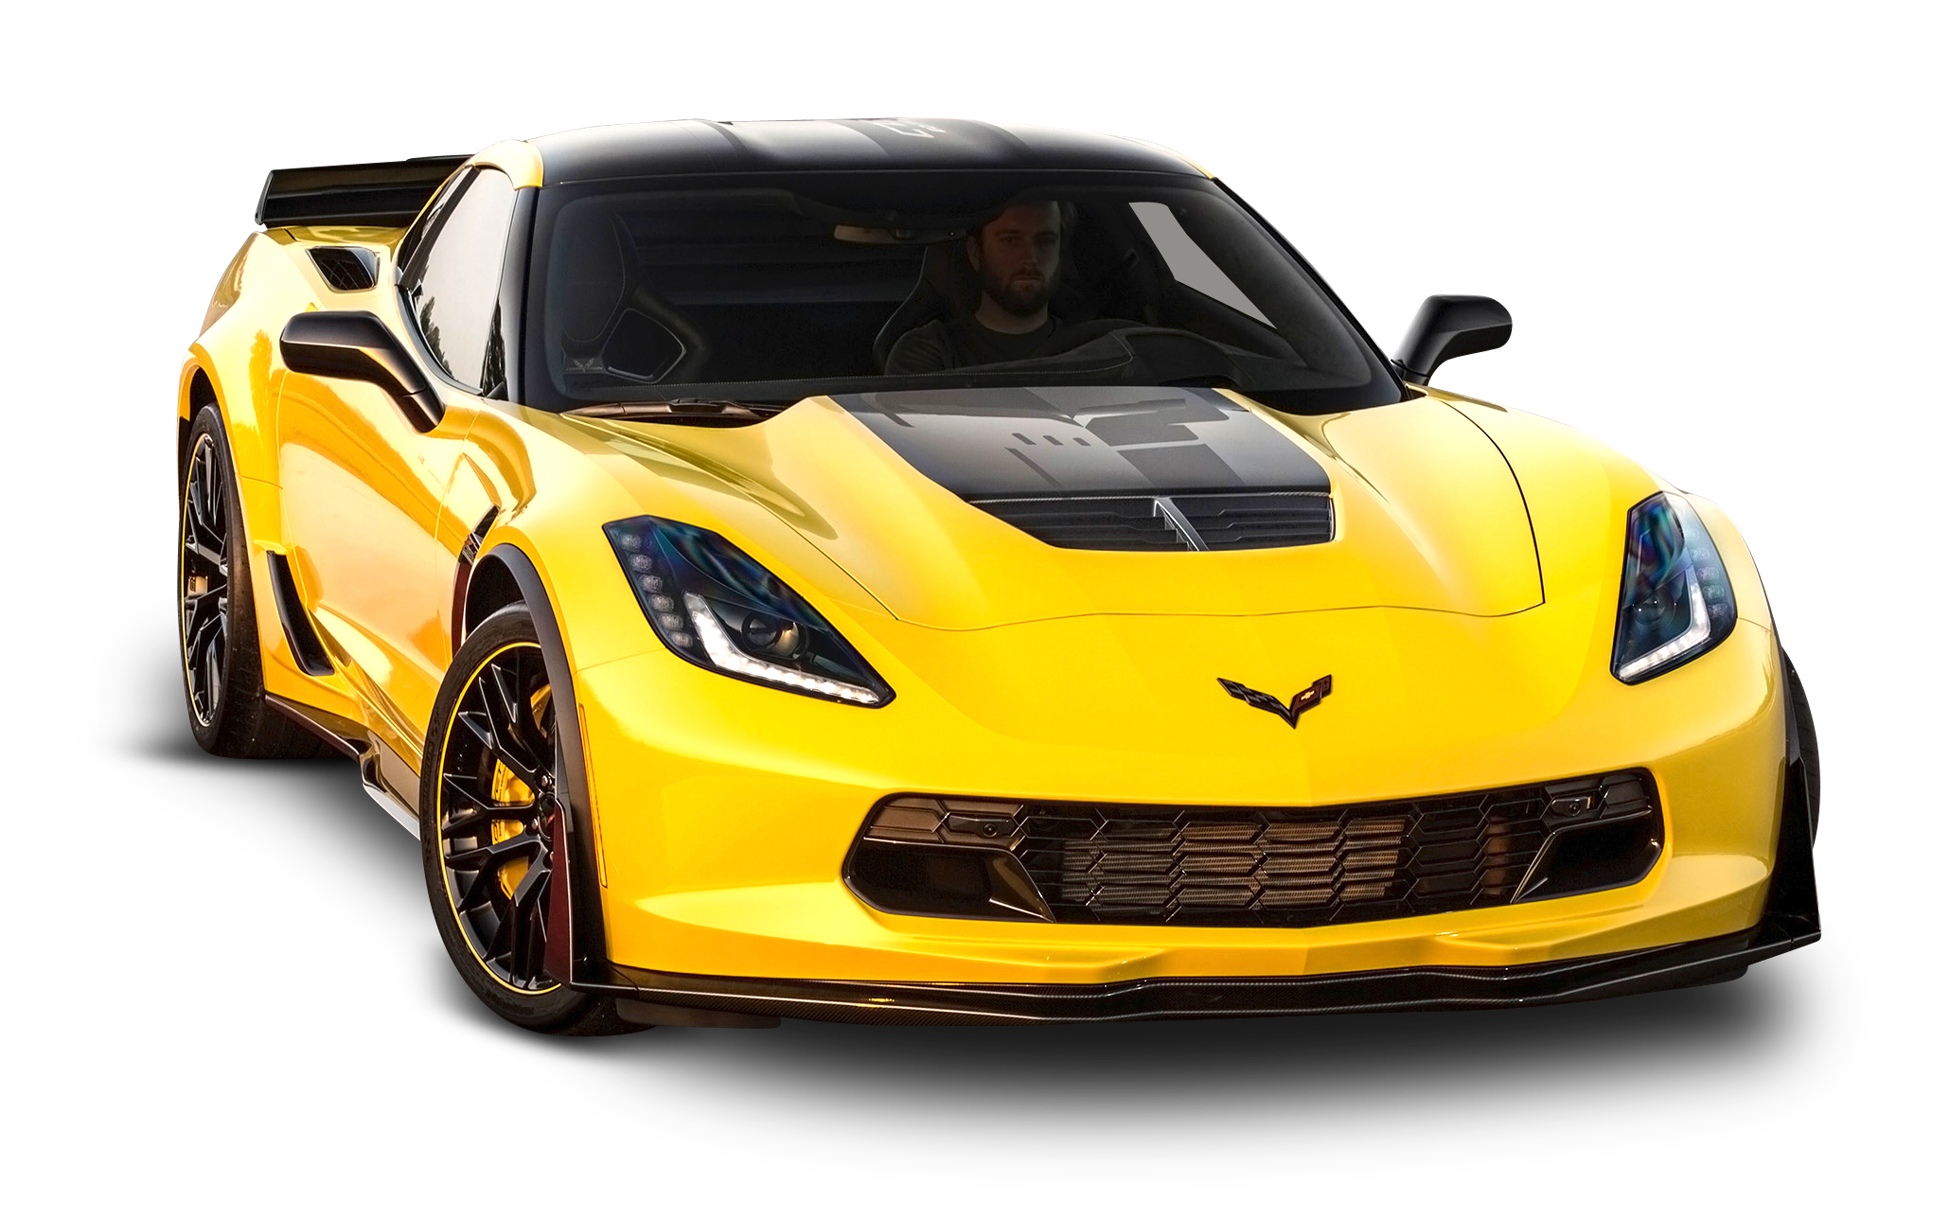 Yellow Chevrolet Corvette Z06 C7 Car Chevrolet Corvette Z06